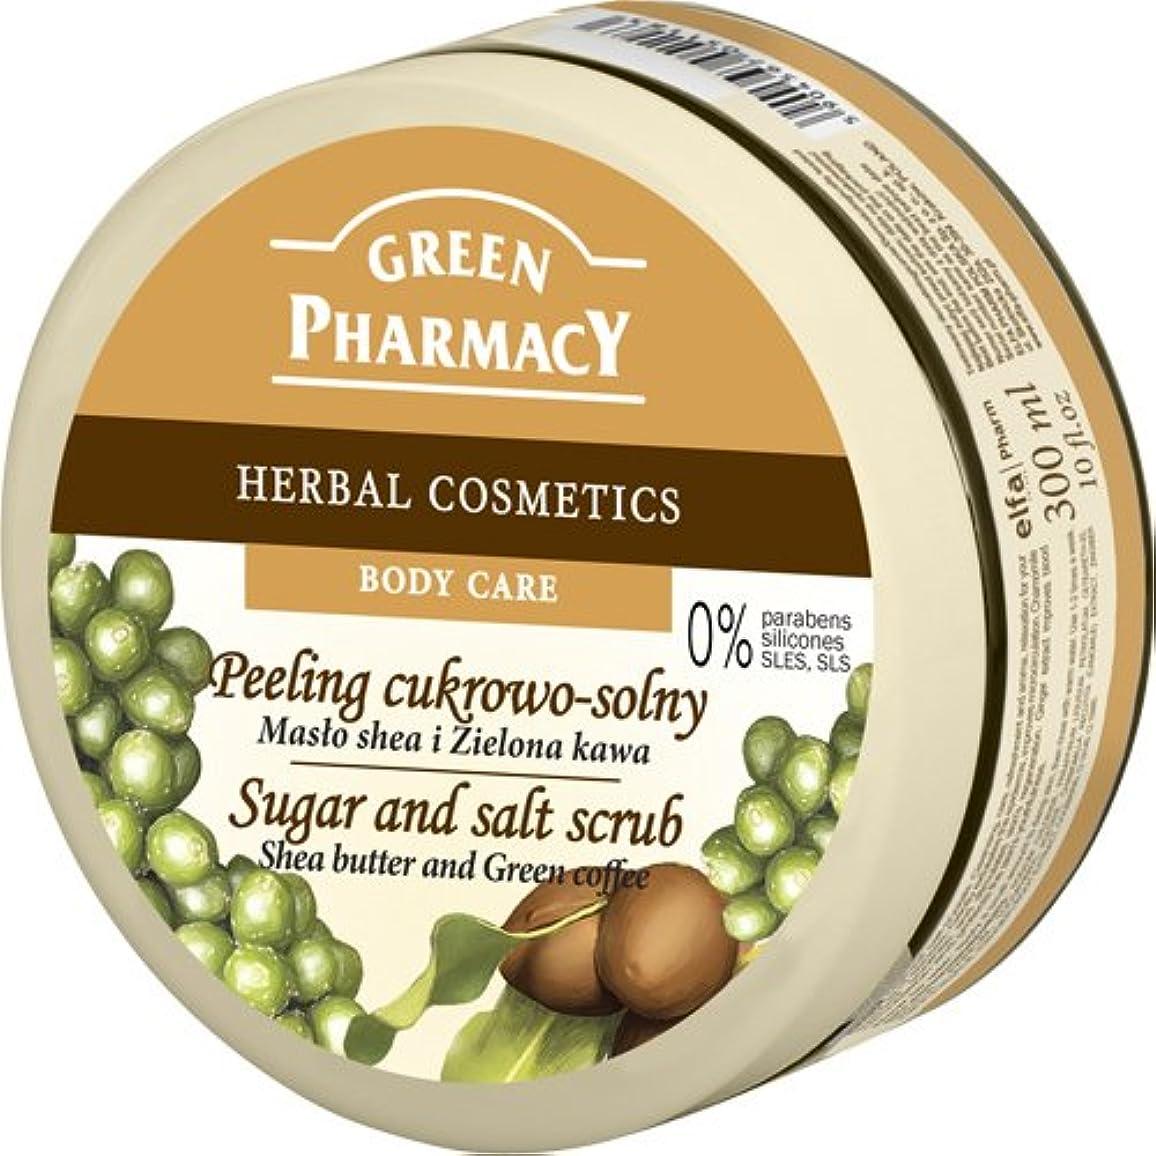 なすテクトニックパケットElfa Pharm Green Pharmacy シュガー&ソルトスクラブ Shea Butter and Green Coffee